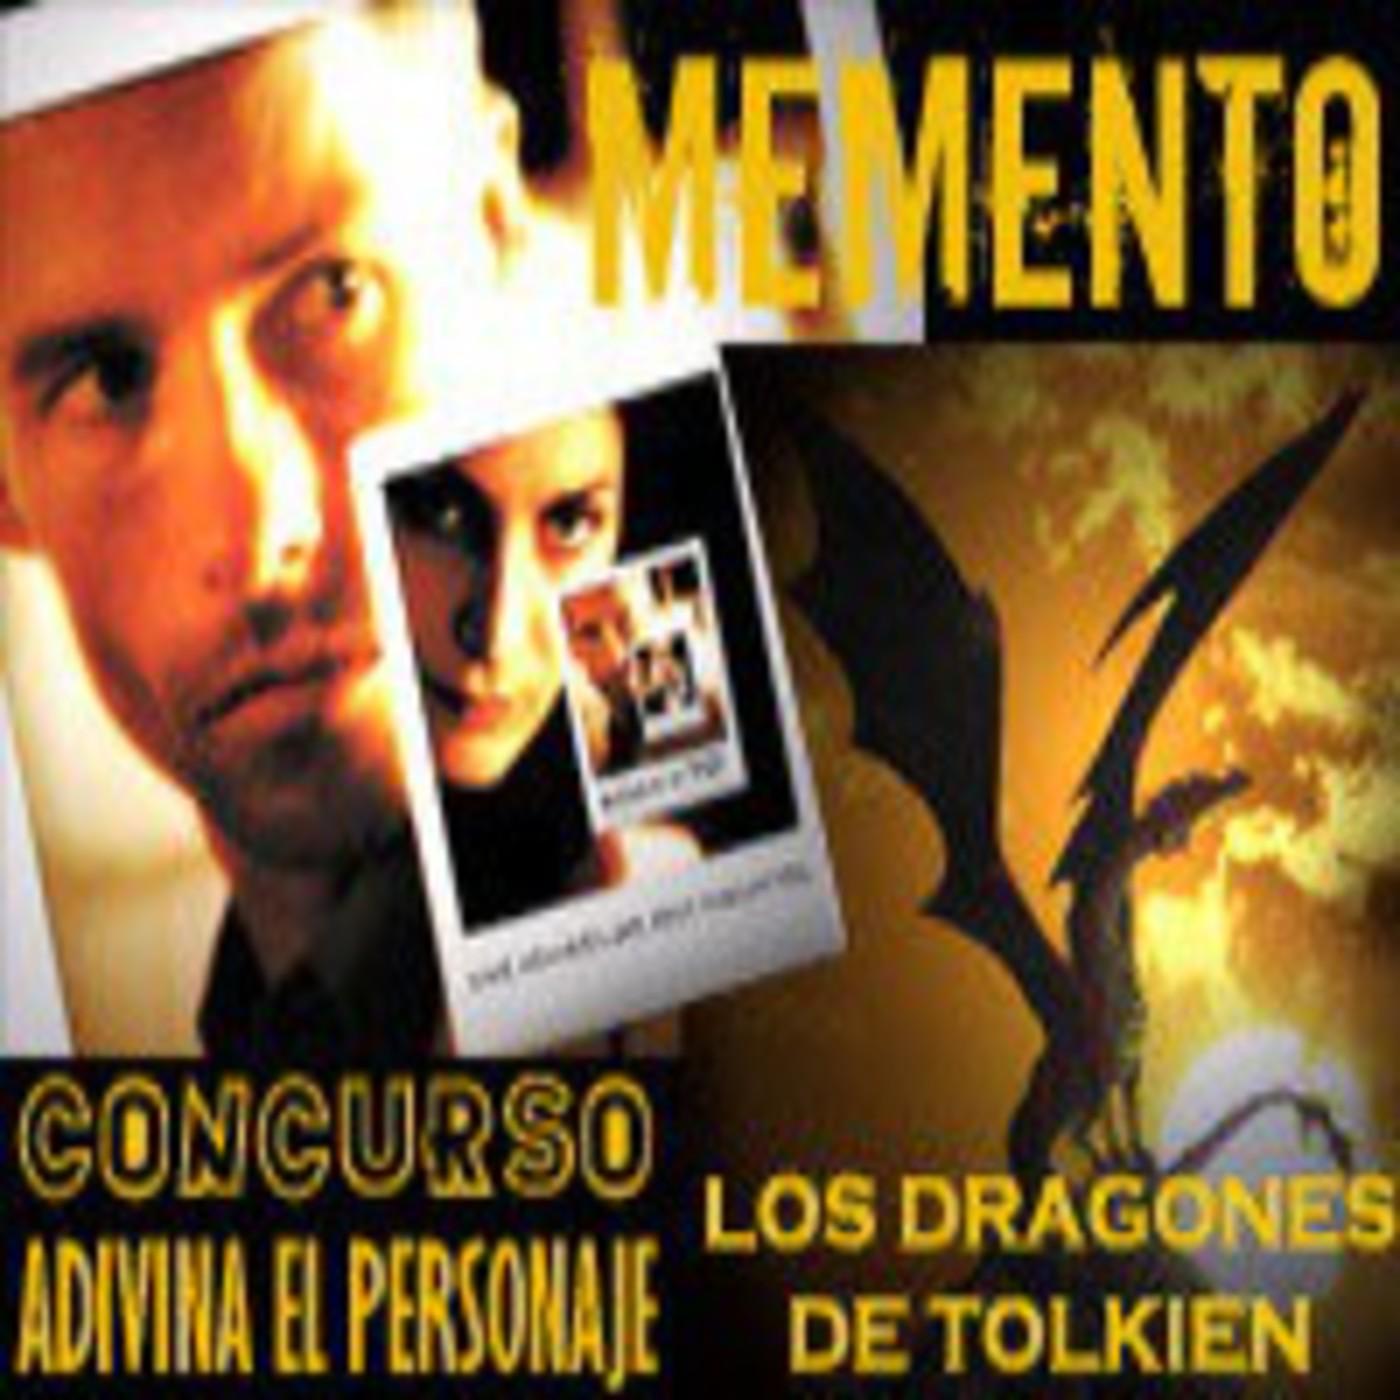 LODE 3x05 MEMENTO, Los dragones de TOLKIEN, concurso: Adivina qué personaje es